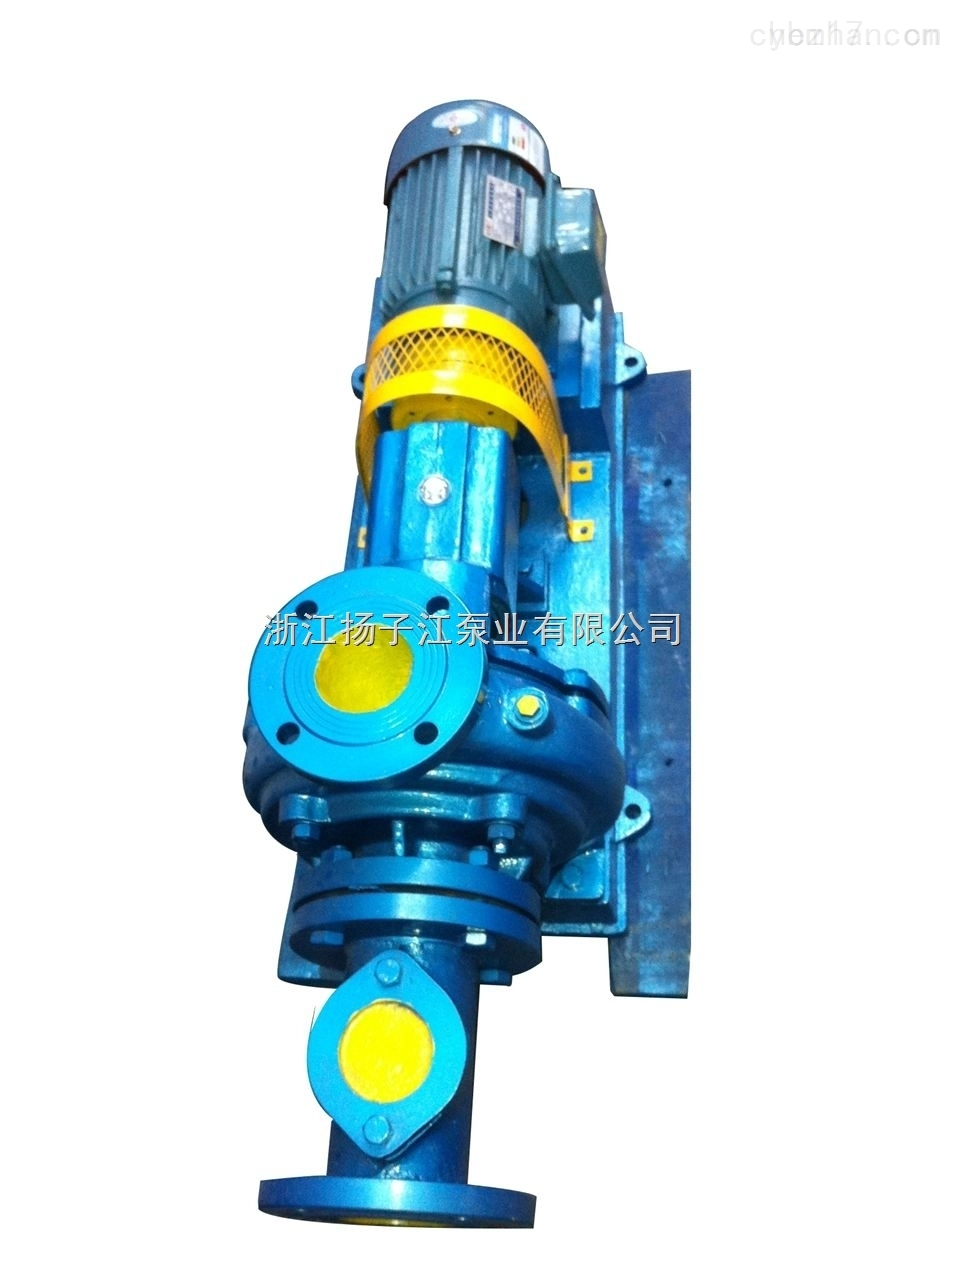 造纸厂泵、XWJ型无堵塞造纸纤维浆料泵、耐腐蚀耐高温纸浆泵